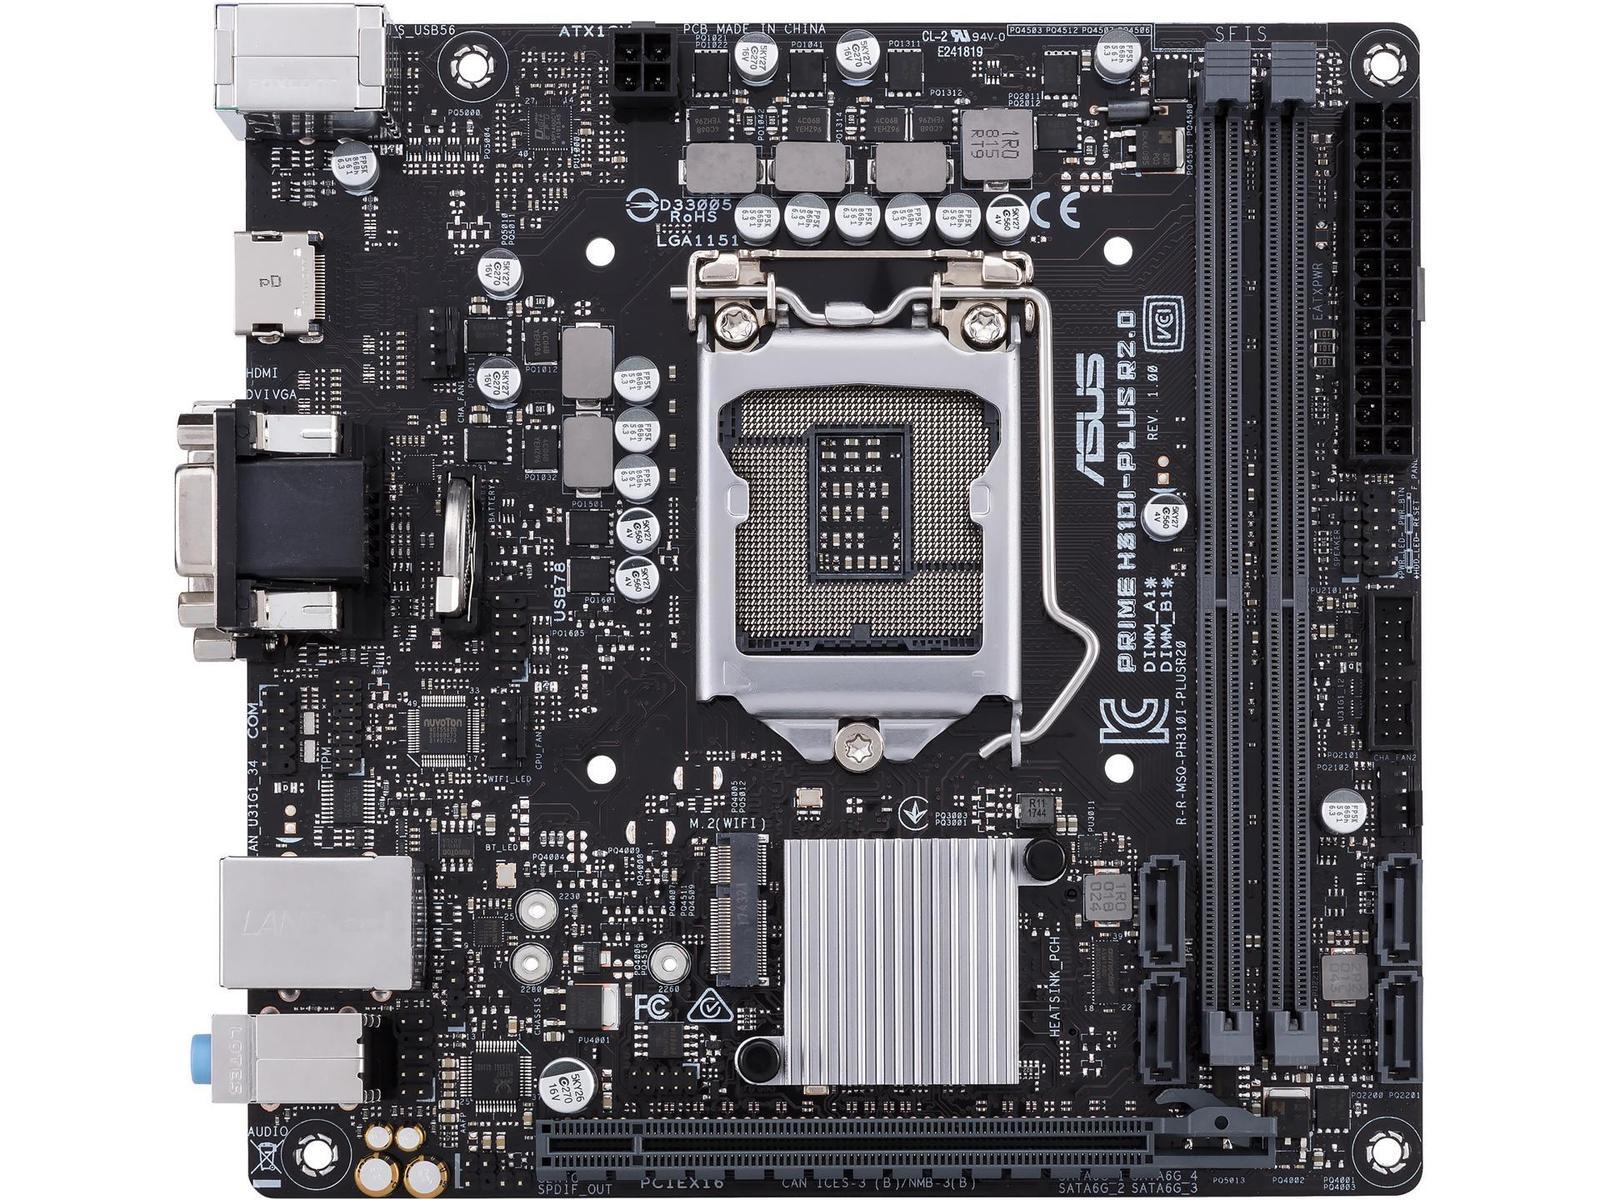 Asus Prime H310I-PLUS R2.0/CSM Mini ITX LGA1151 Motherboard